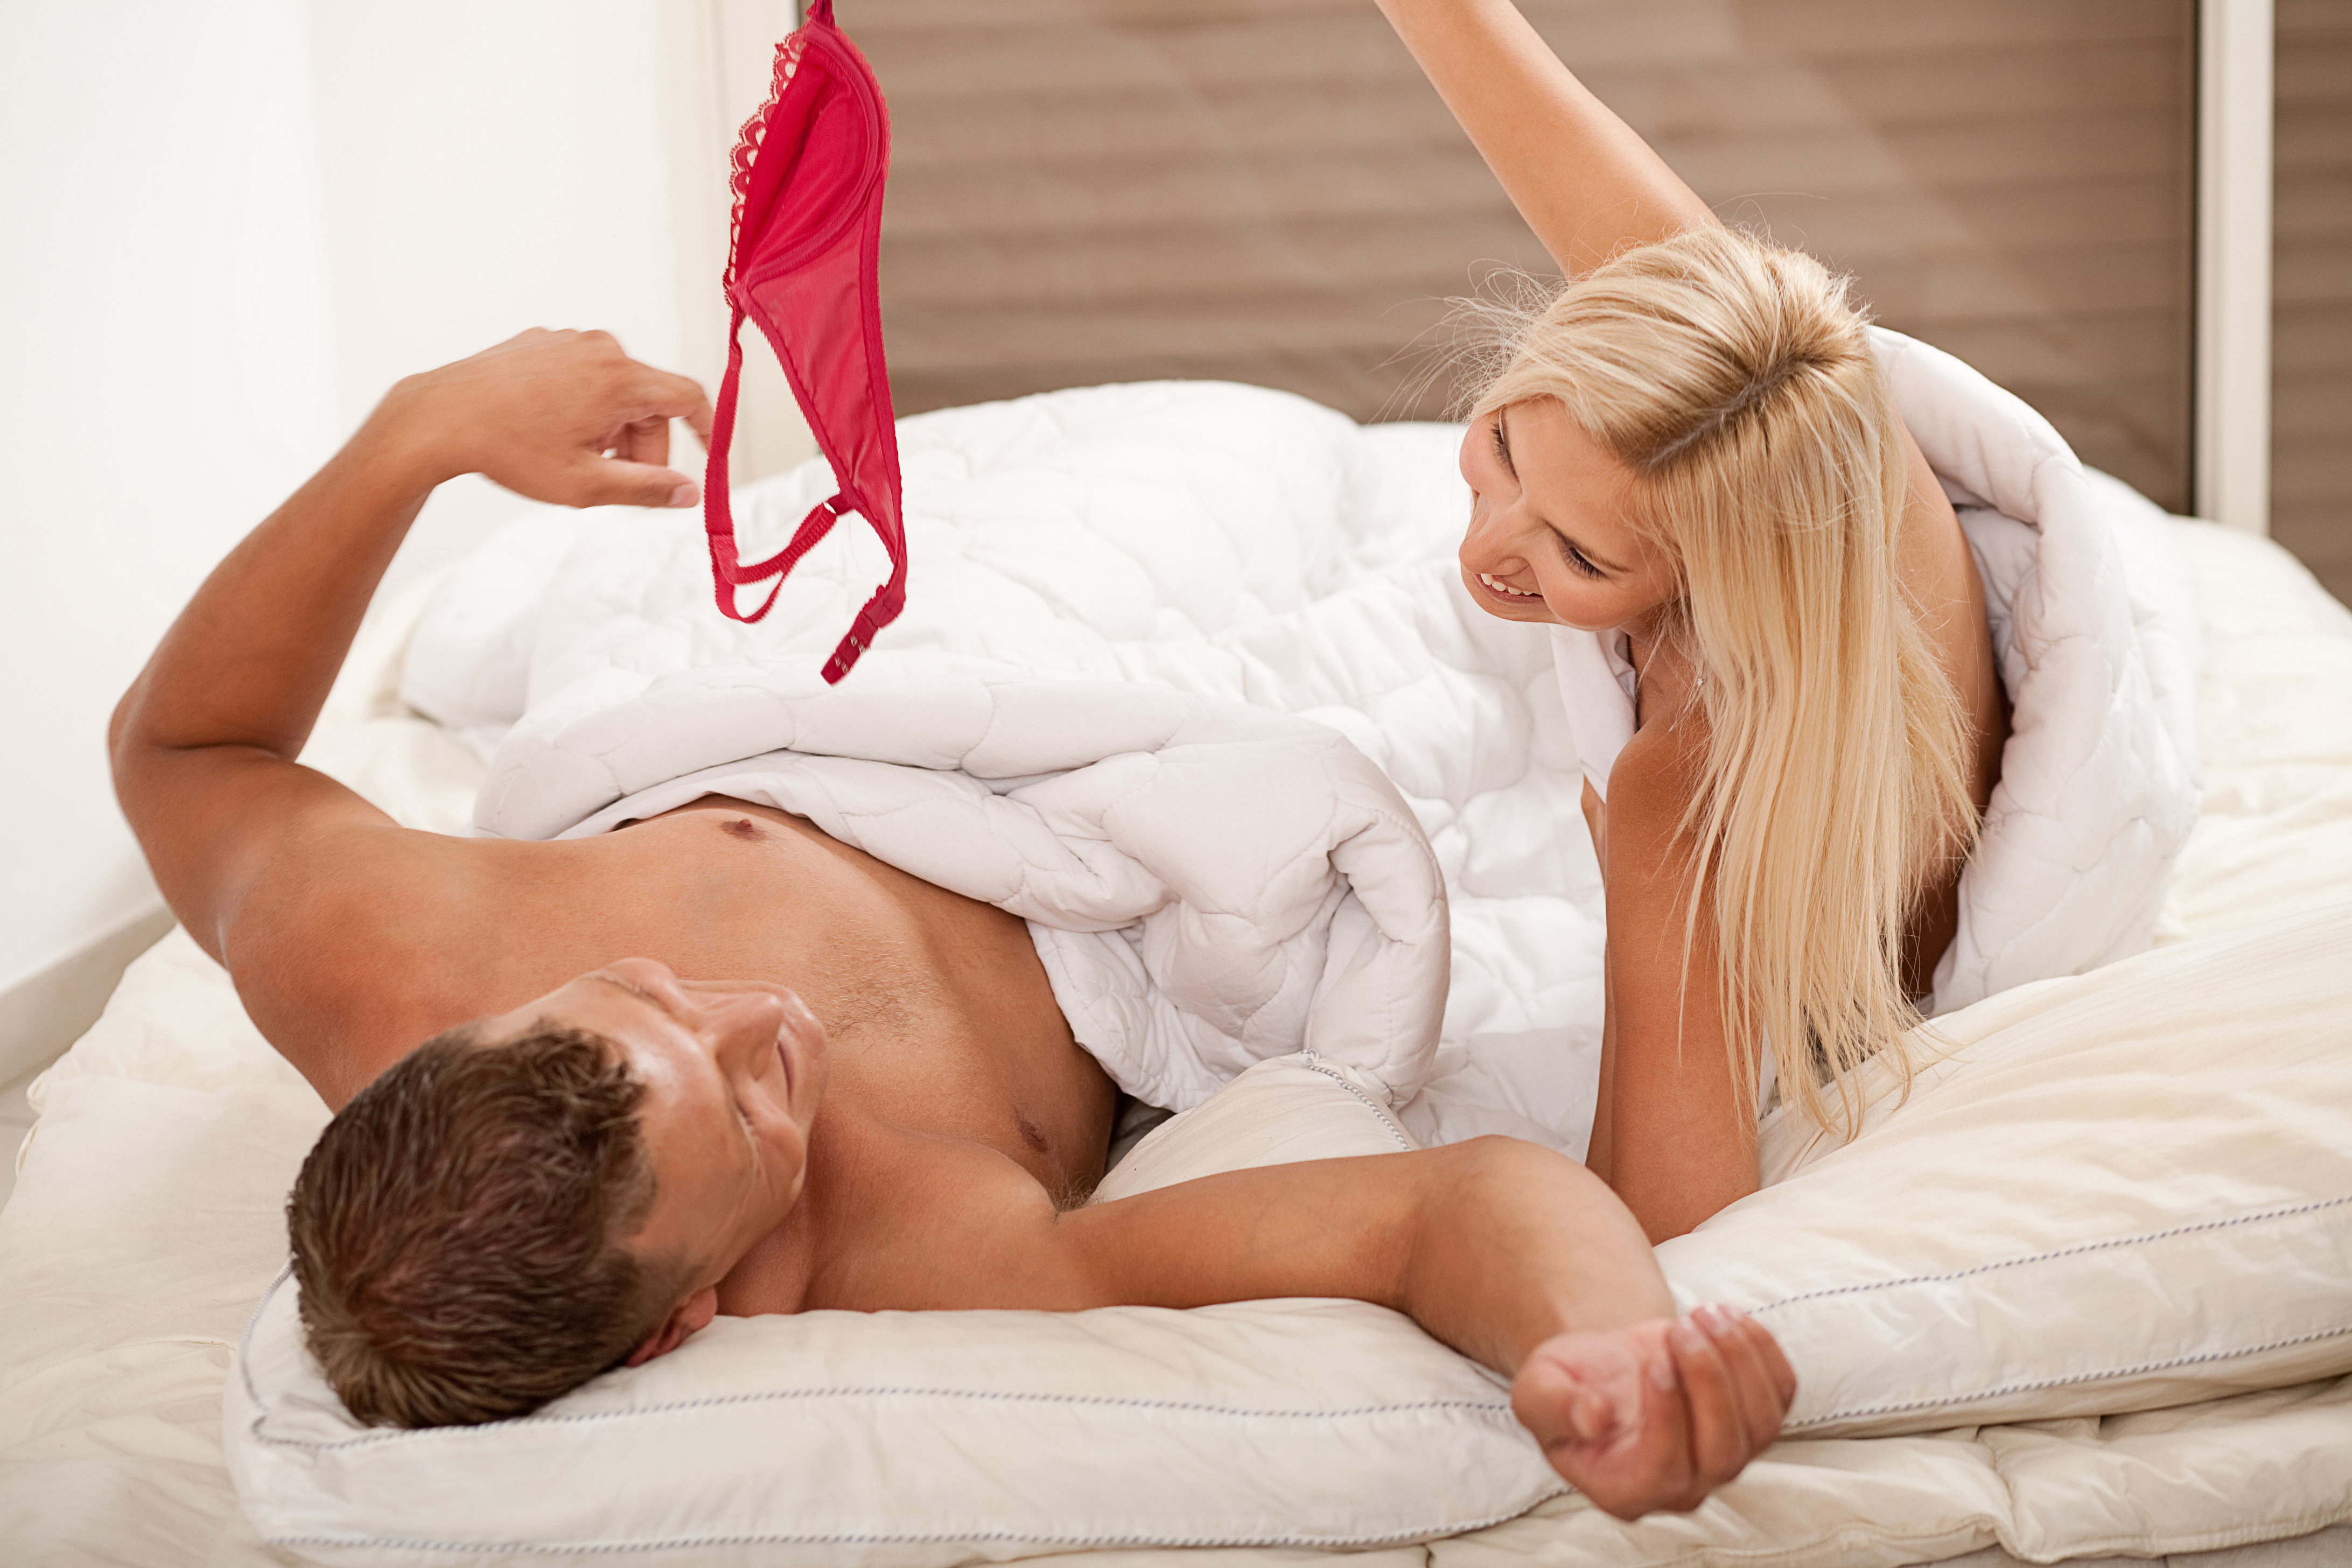 Лучшие позиции для женского оргазма